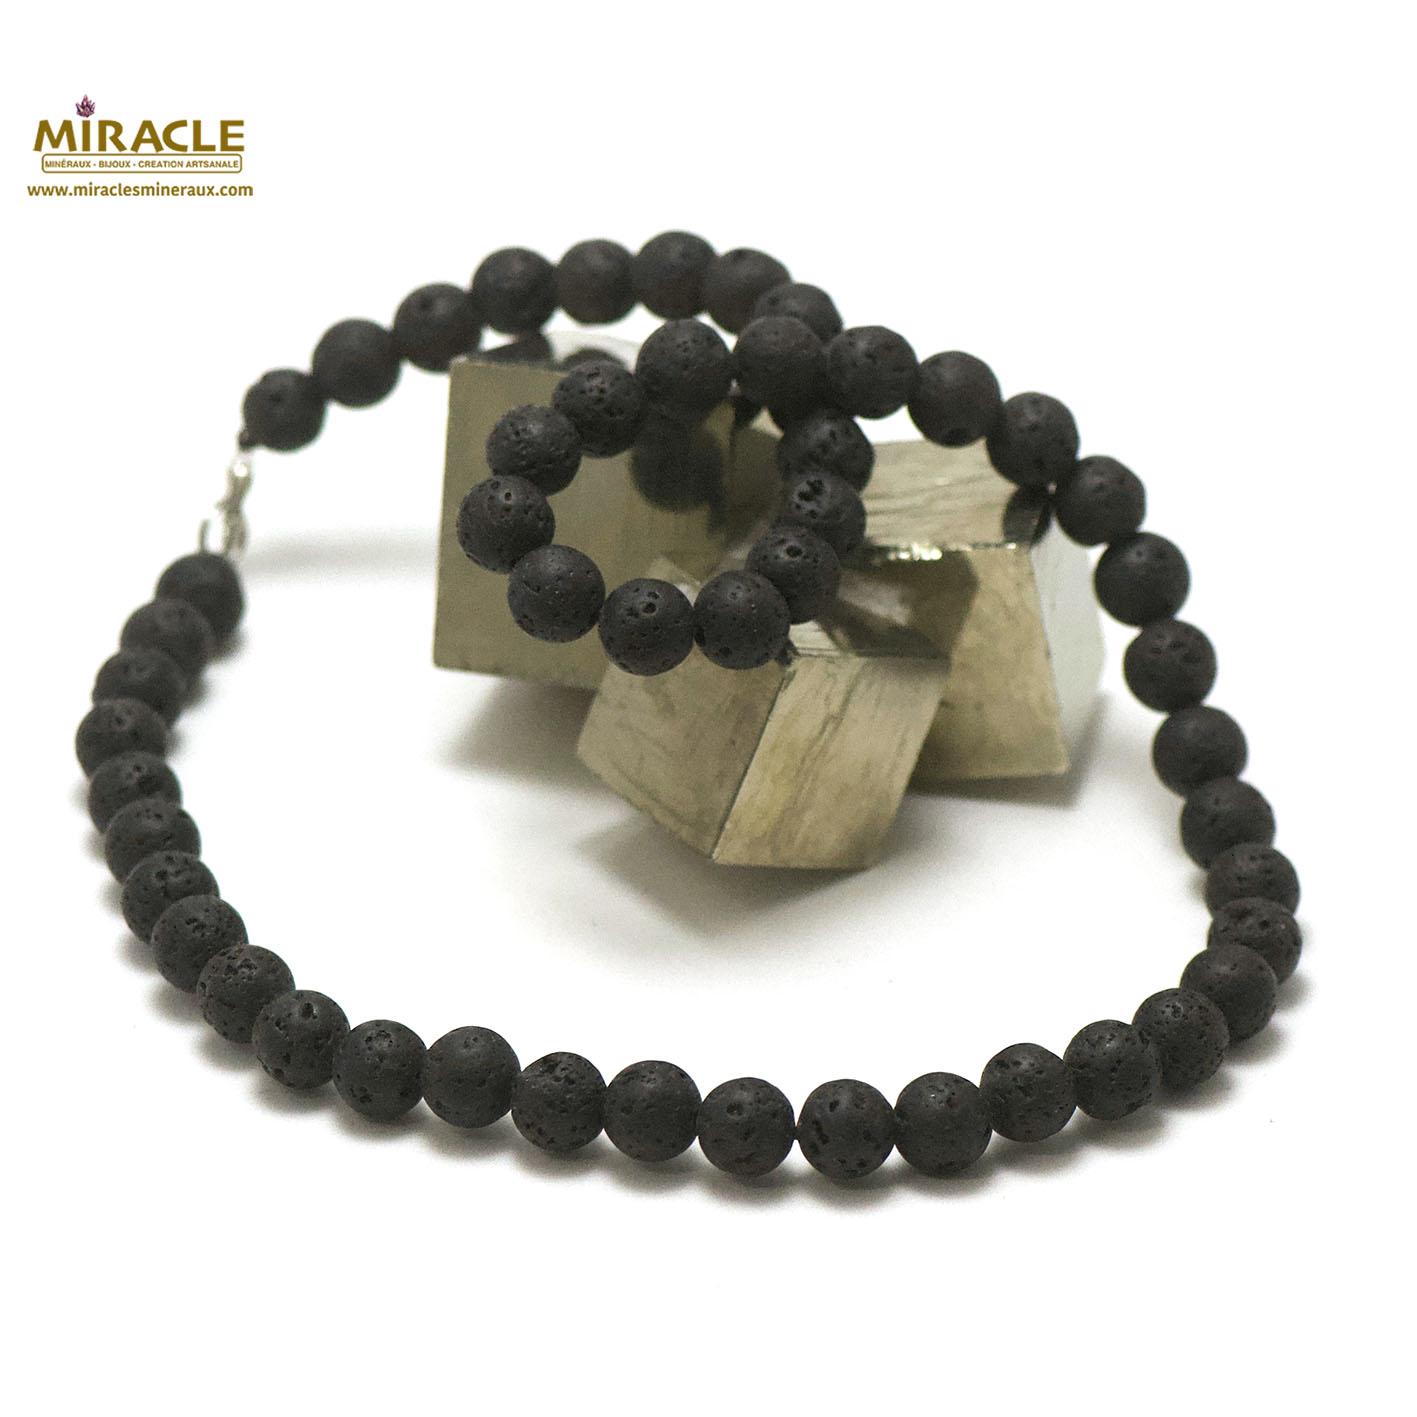 Collier pierre de lave (roche volcanique), perle ronde 8 mm